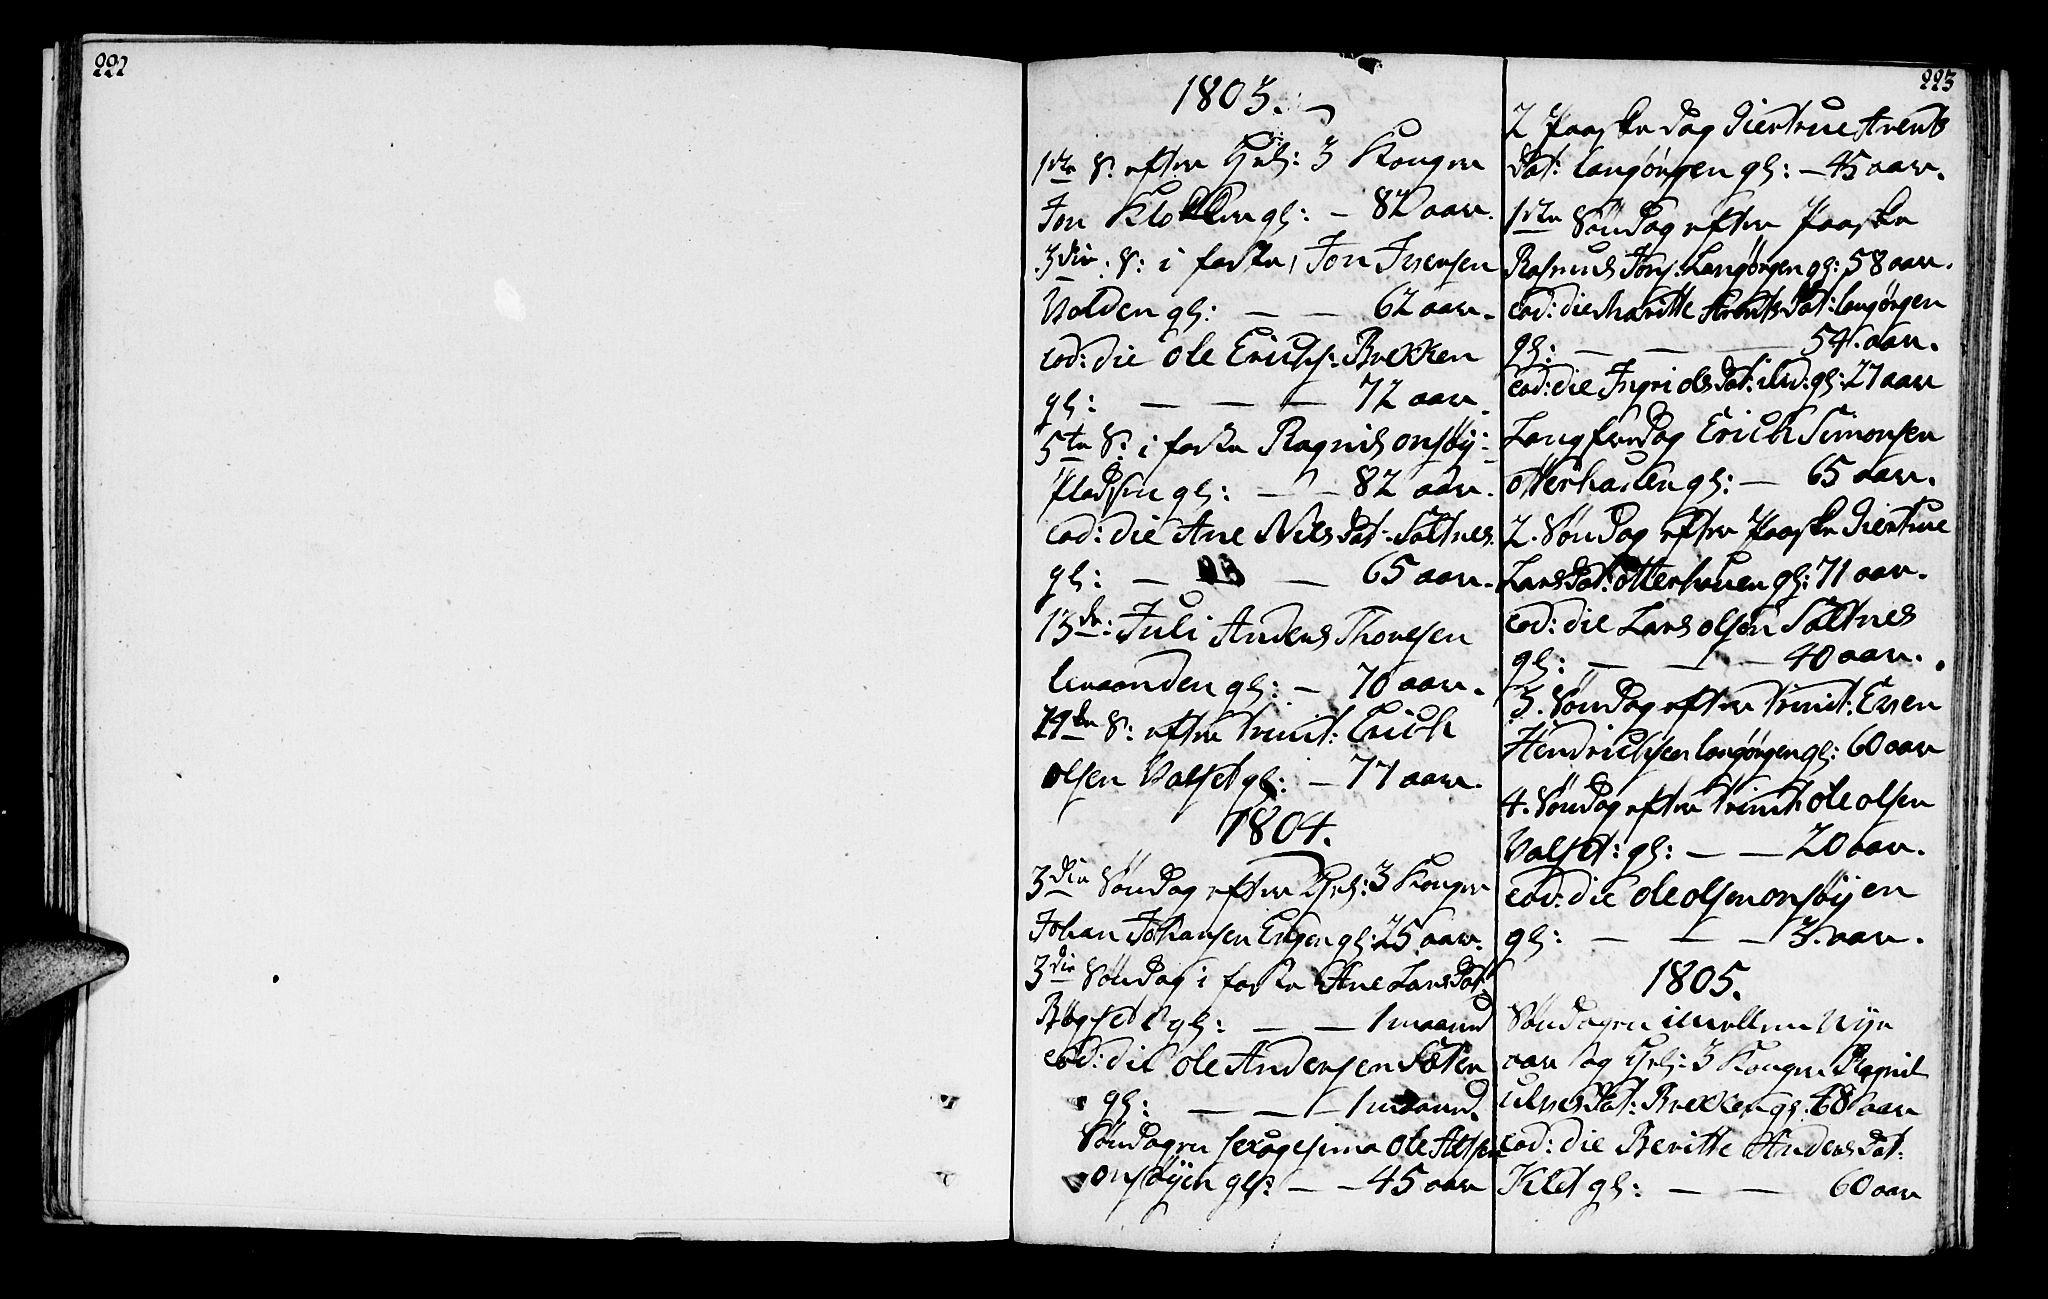 SAT, Ministerialprotokoller, klokkerbøker og fødselsregistre - Sør-Trøndelag, 666/L0785: Ministerialbok nr. 666A03, 1803-1816, s. 222-223